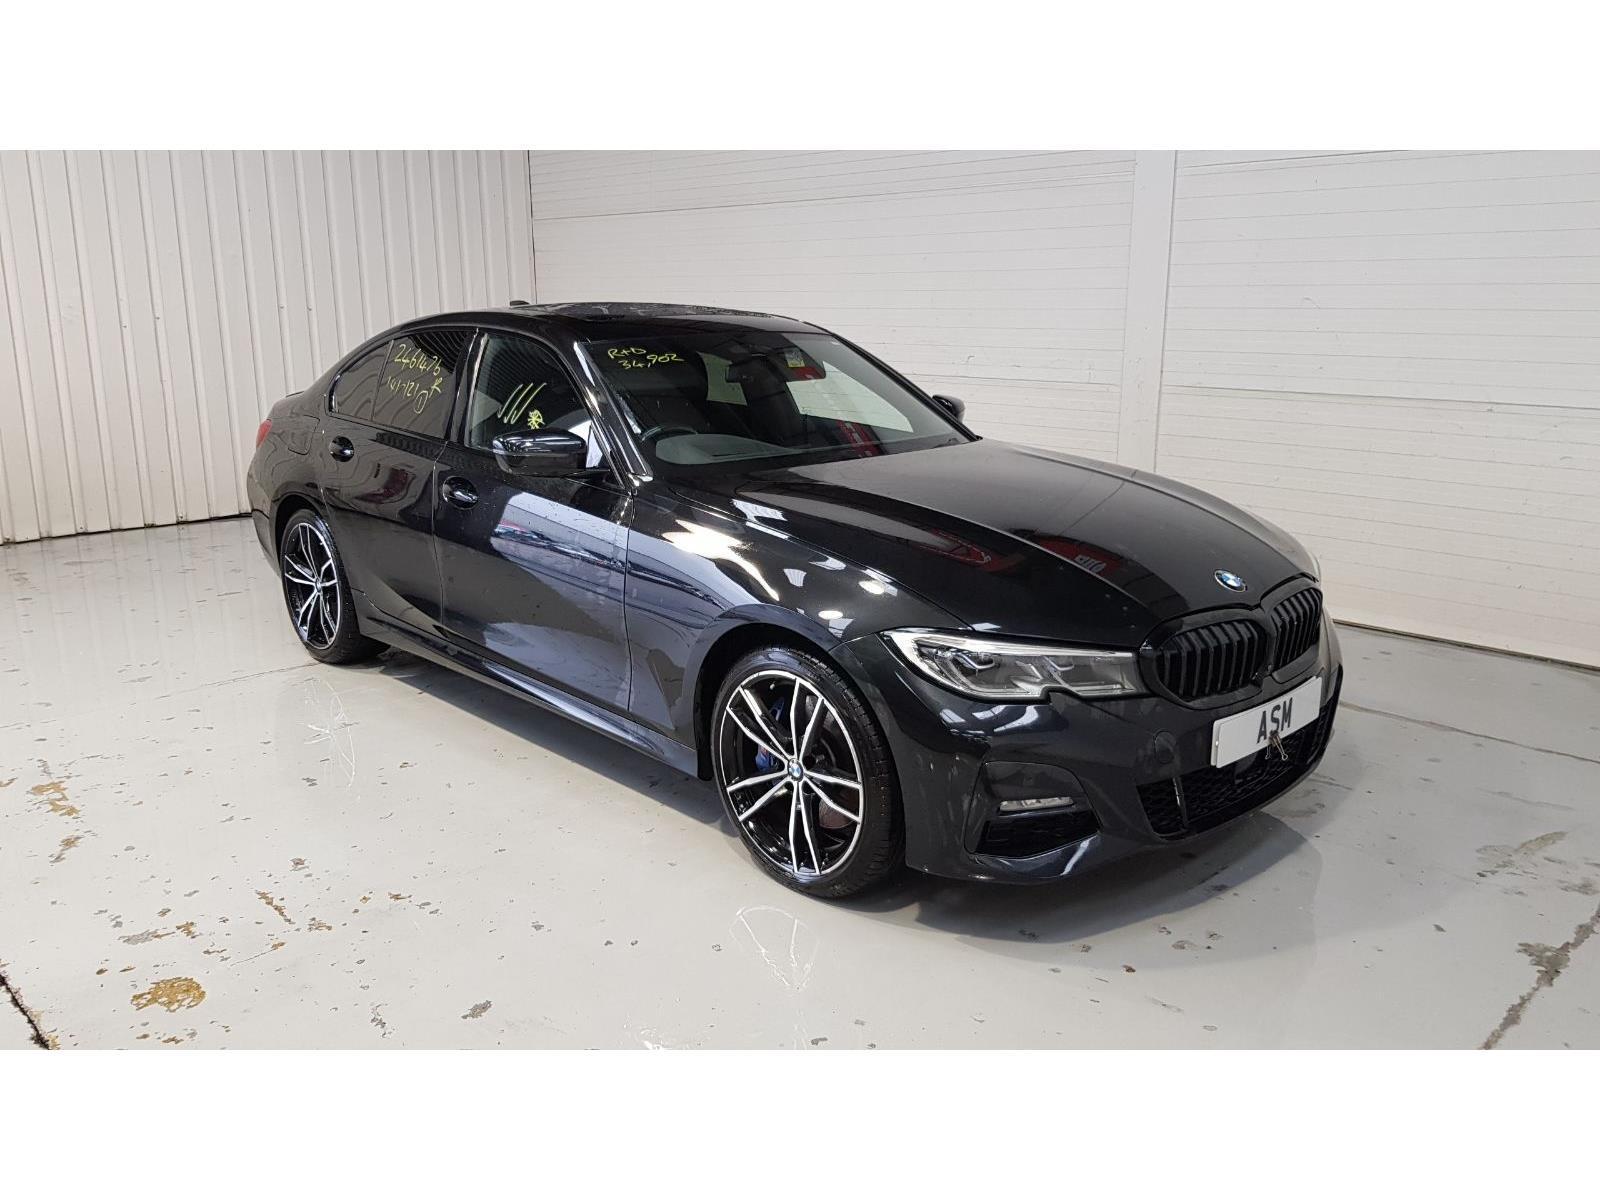 2019 BMW 3 Series 320D XDRIVE M SPORT 1995cc Turbo Diesel Automatic 8 Speed 4 Door Saloon